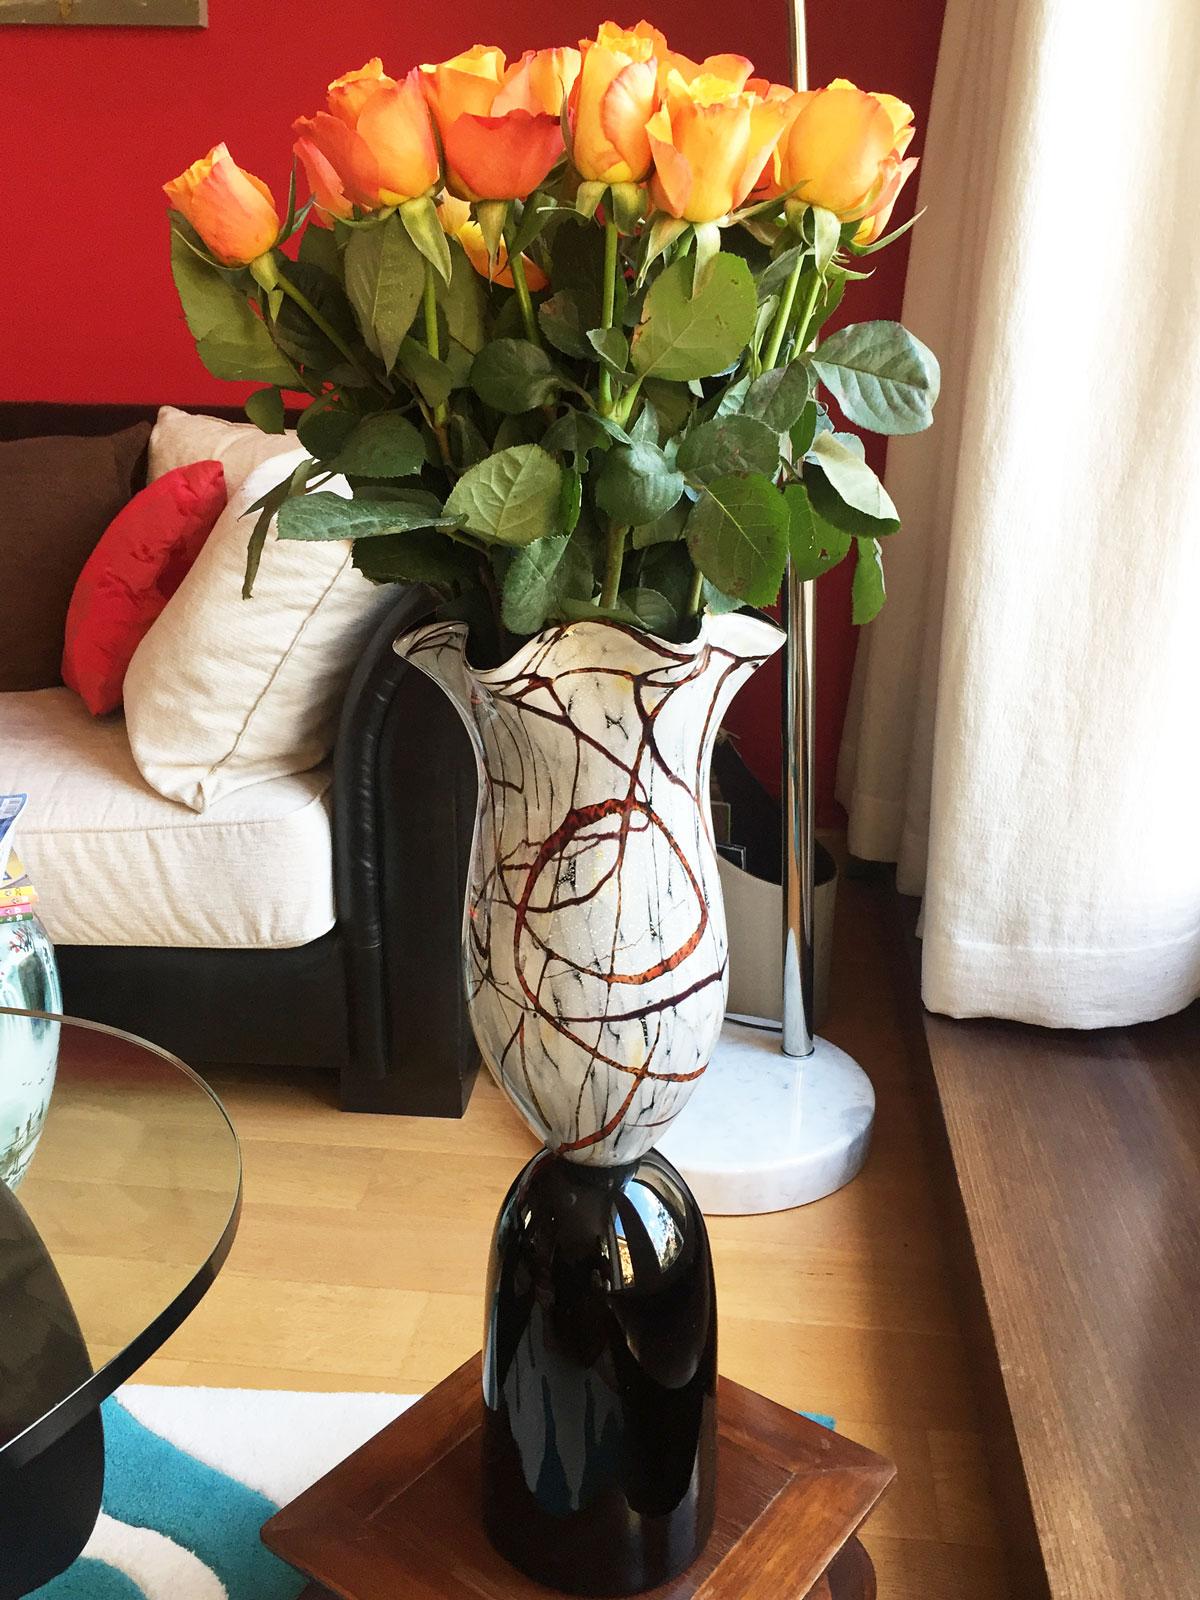 Lieber Alain, herzlichen Dank für das tolle Foto unserer Vase in Deinem Zuhause. ❤️ Herzlichen Dank das Du uns daran teilhaben lässt. Liebe Grüße senden die Kreiner Brüder